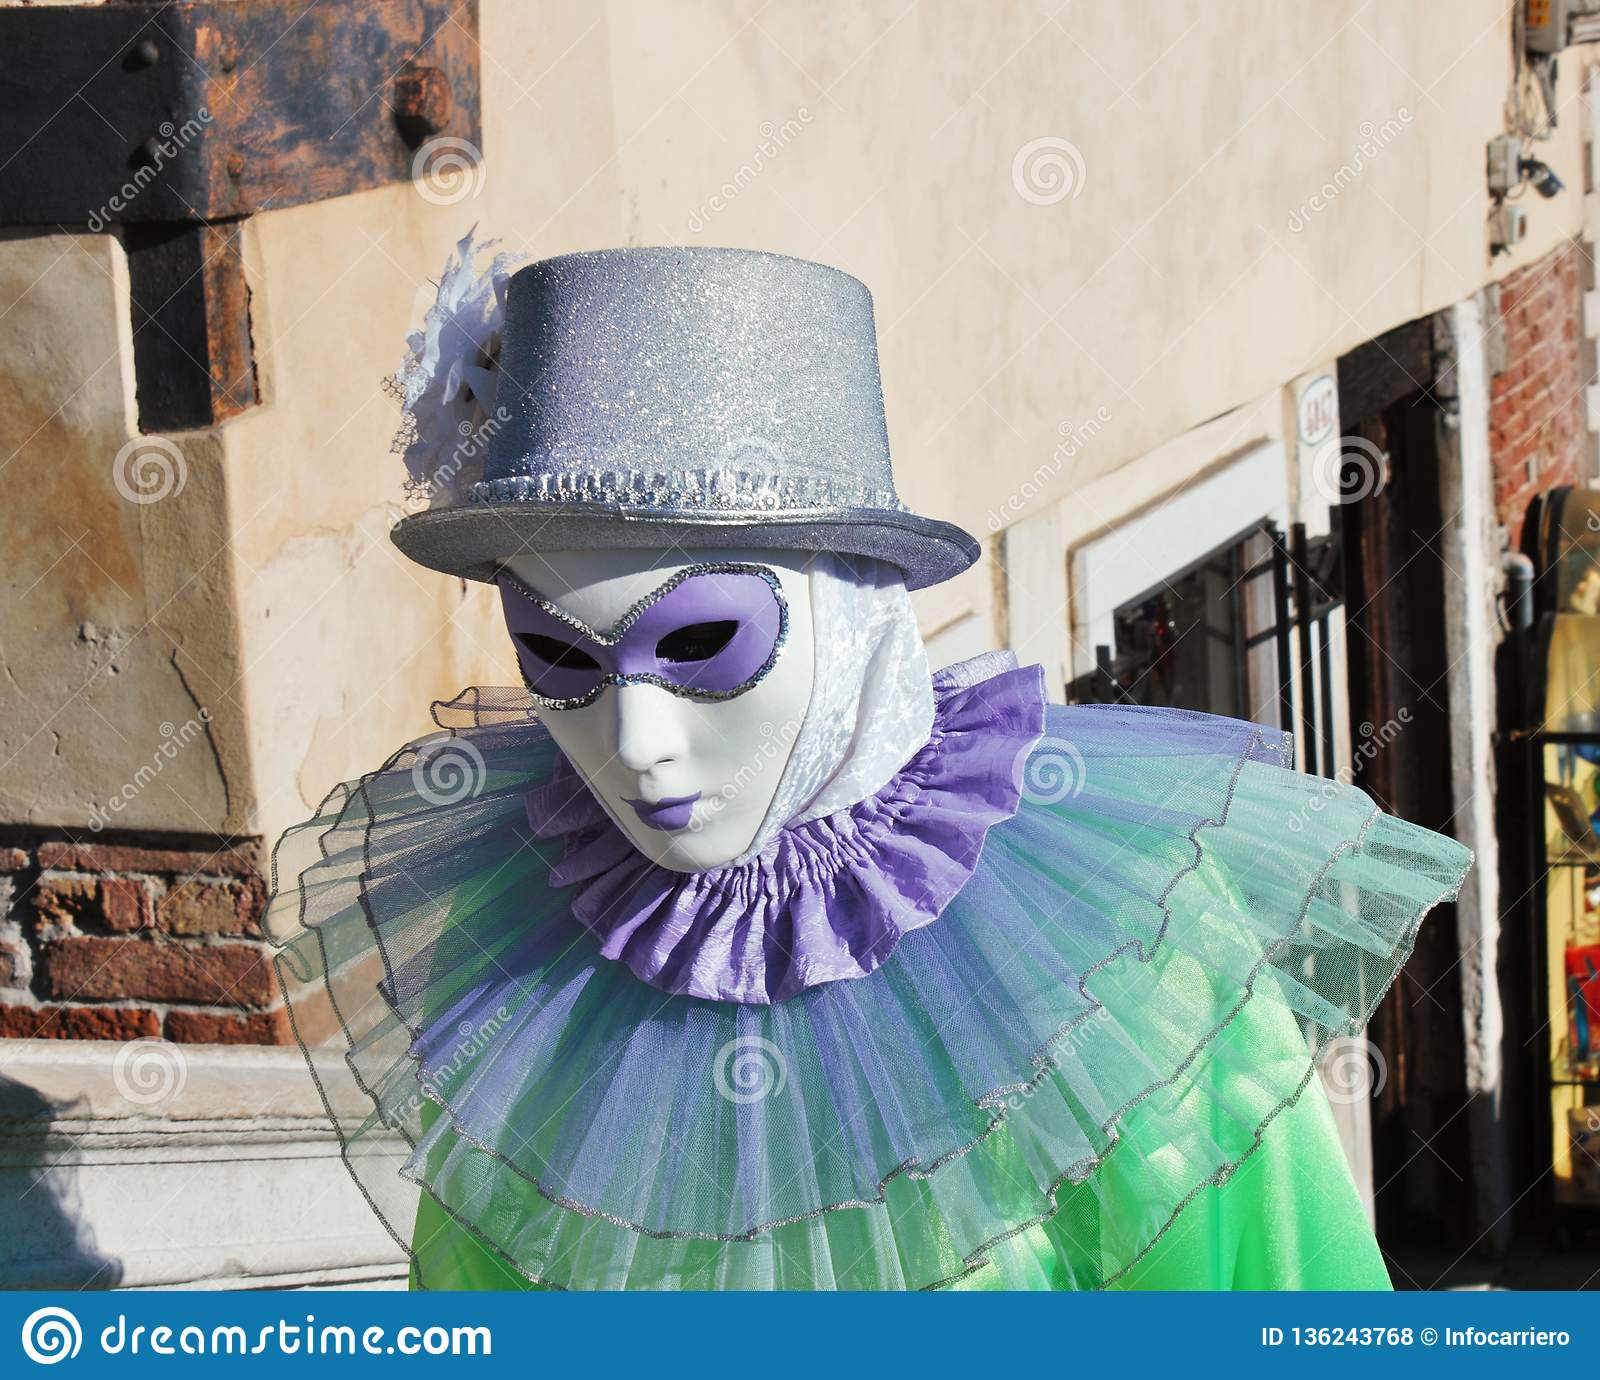 La maschera stile veneziana, il carnevale di Venezia è una dei più famose nel mondo, il suo caratteristico è le maschere, create